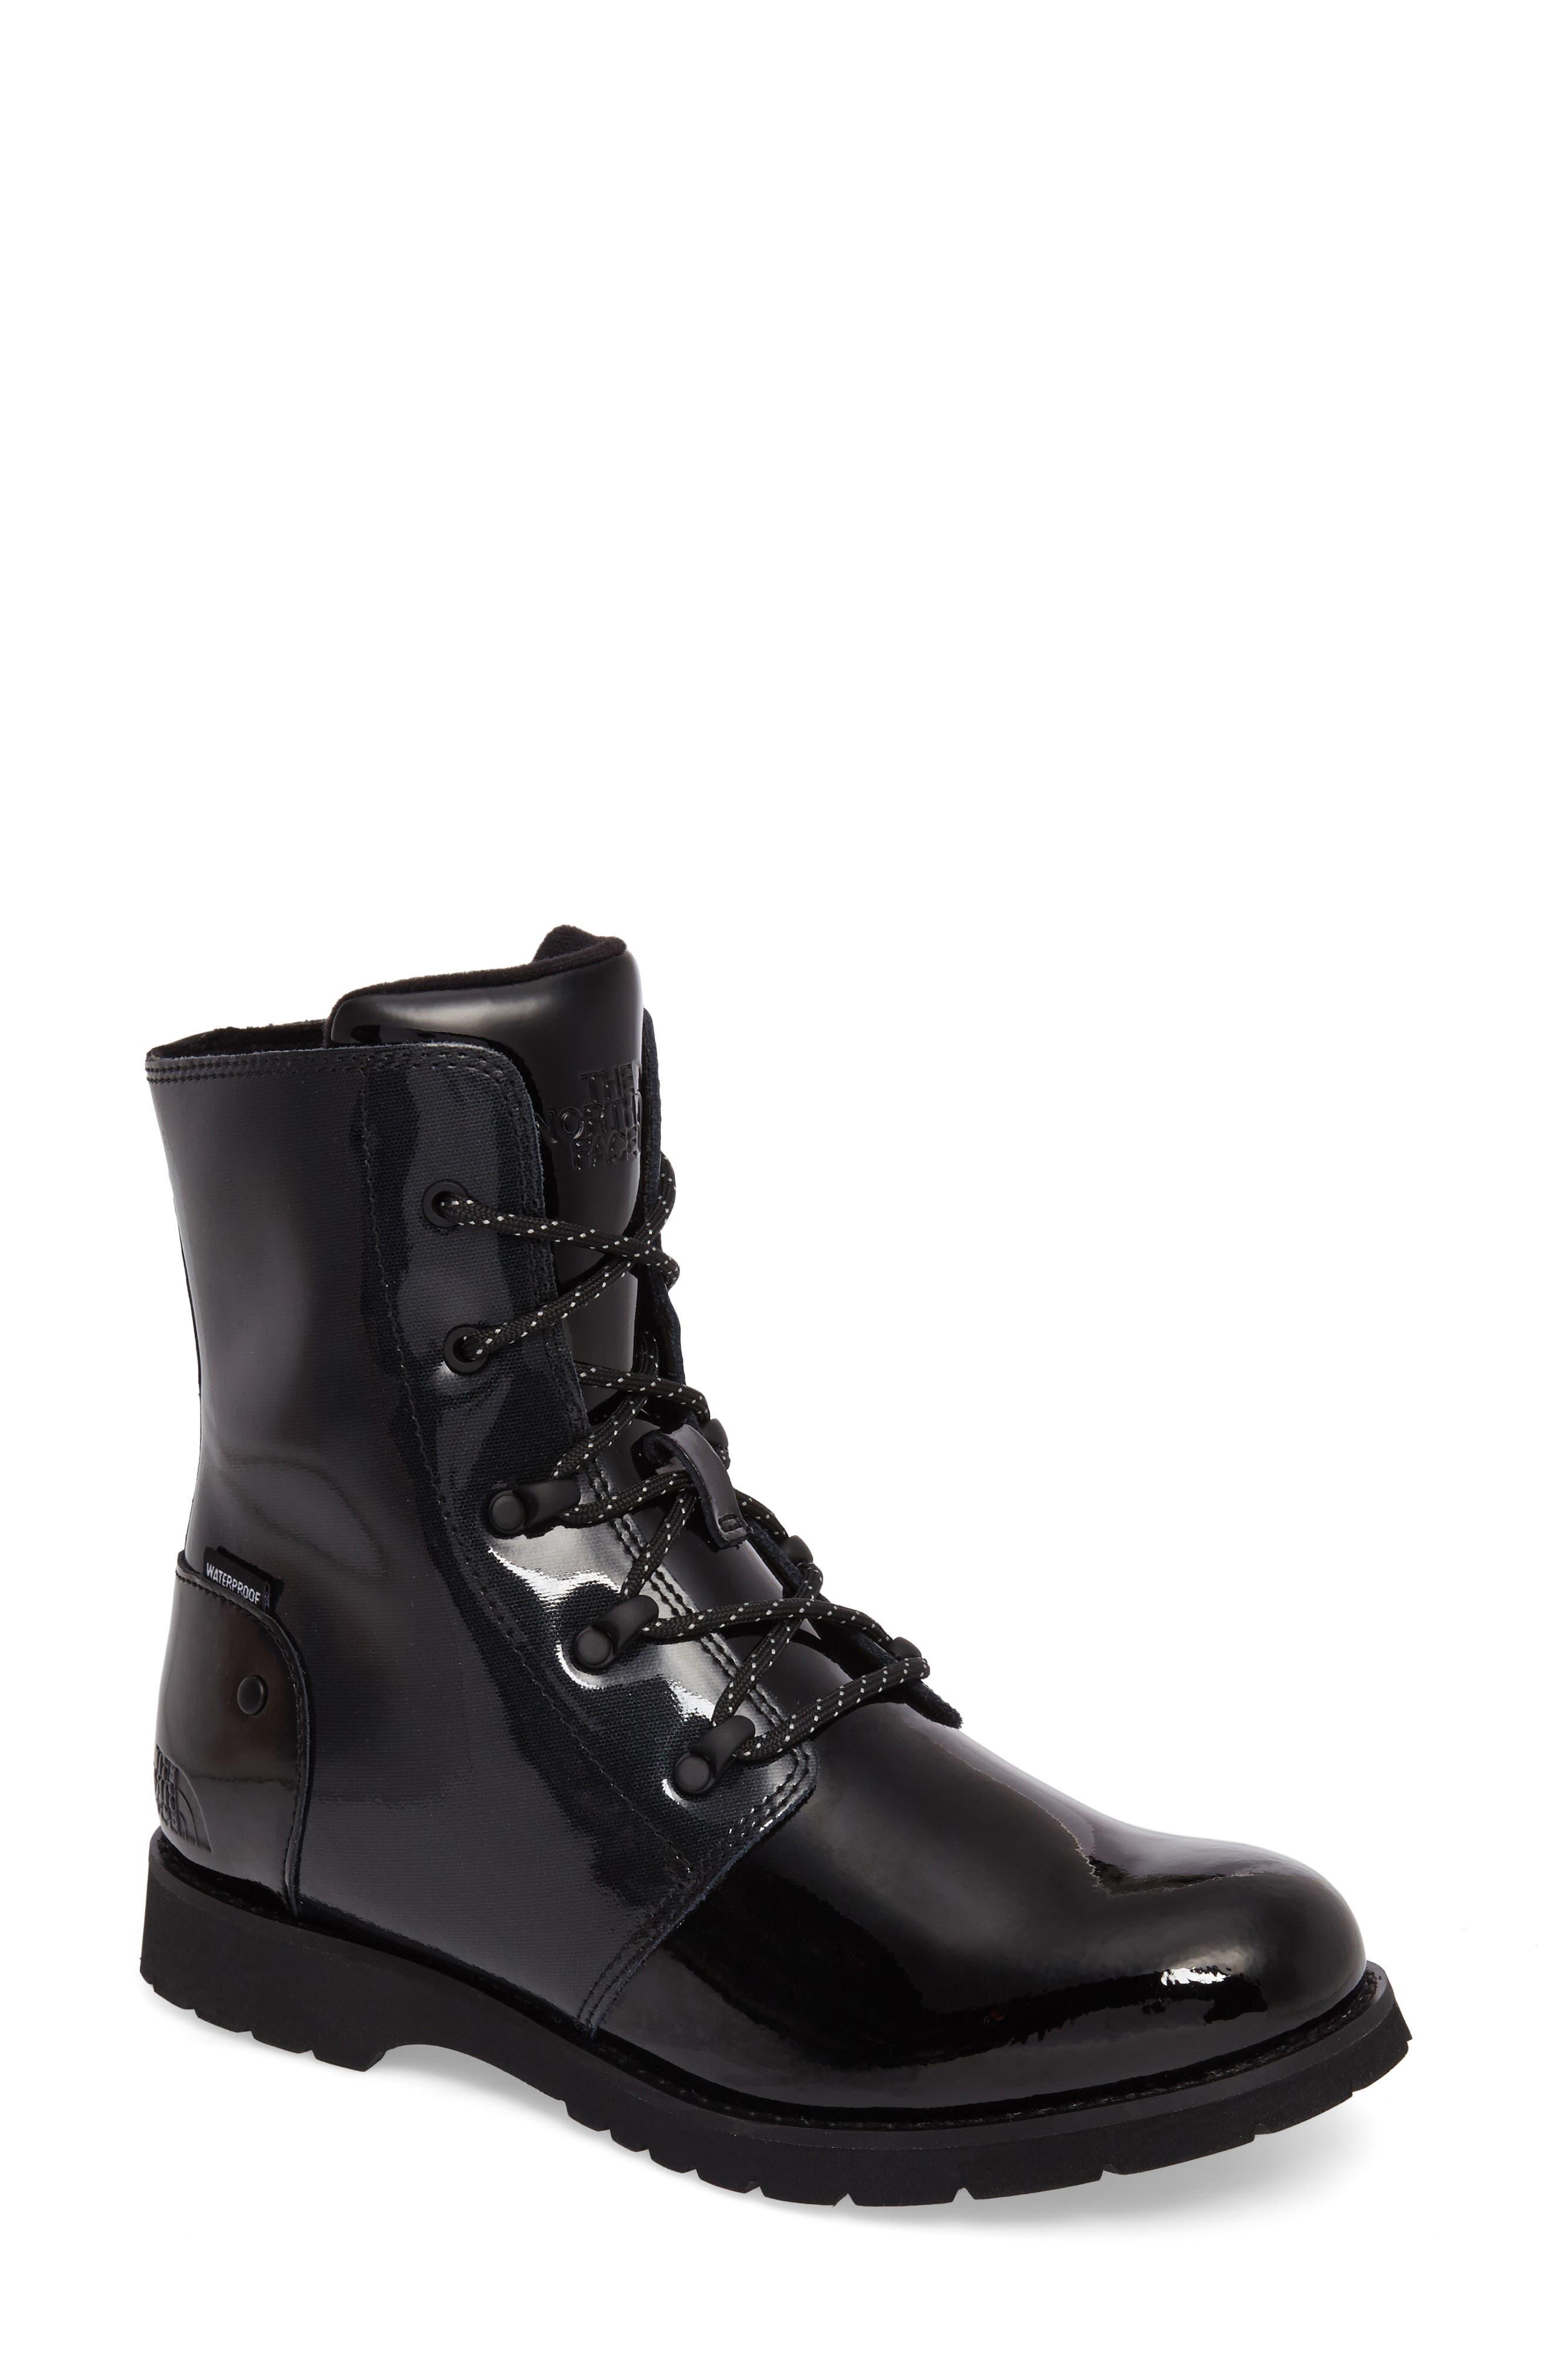 Main Image - The North Face Ballard Rain Boot (Women)